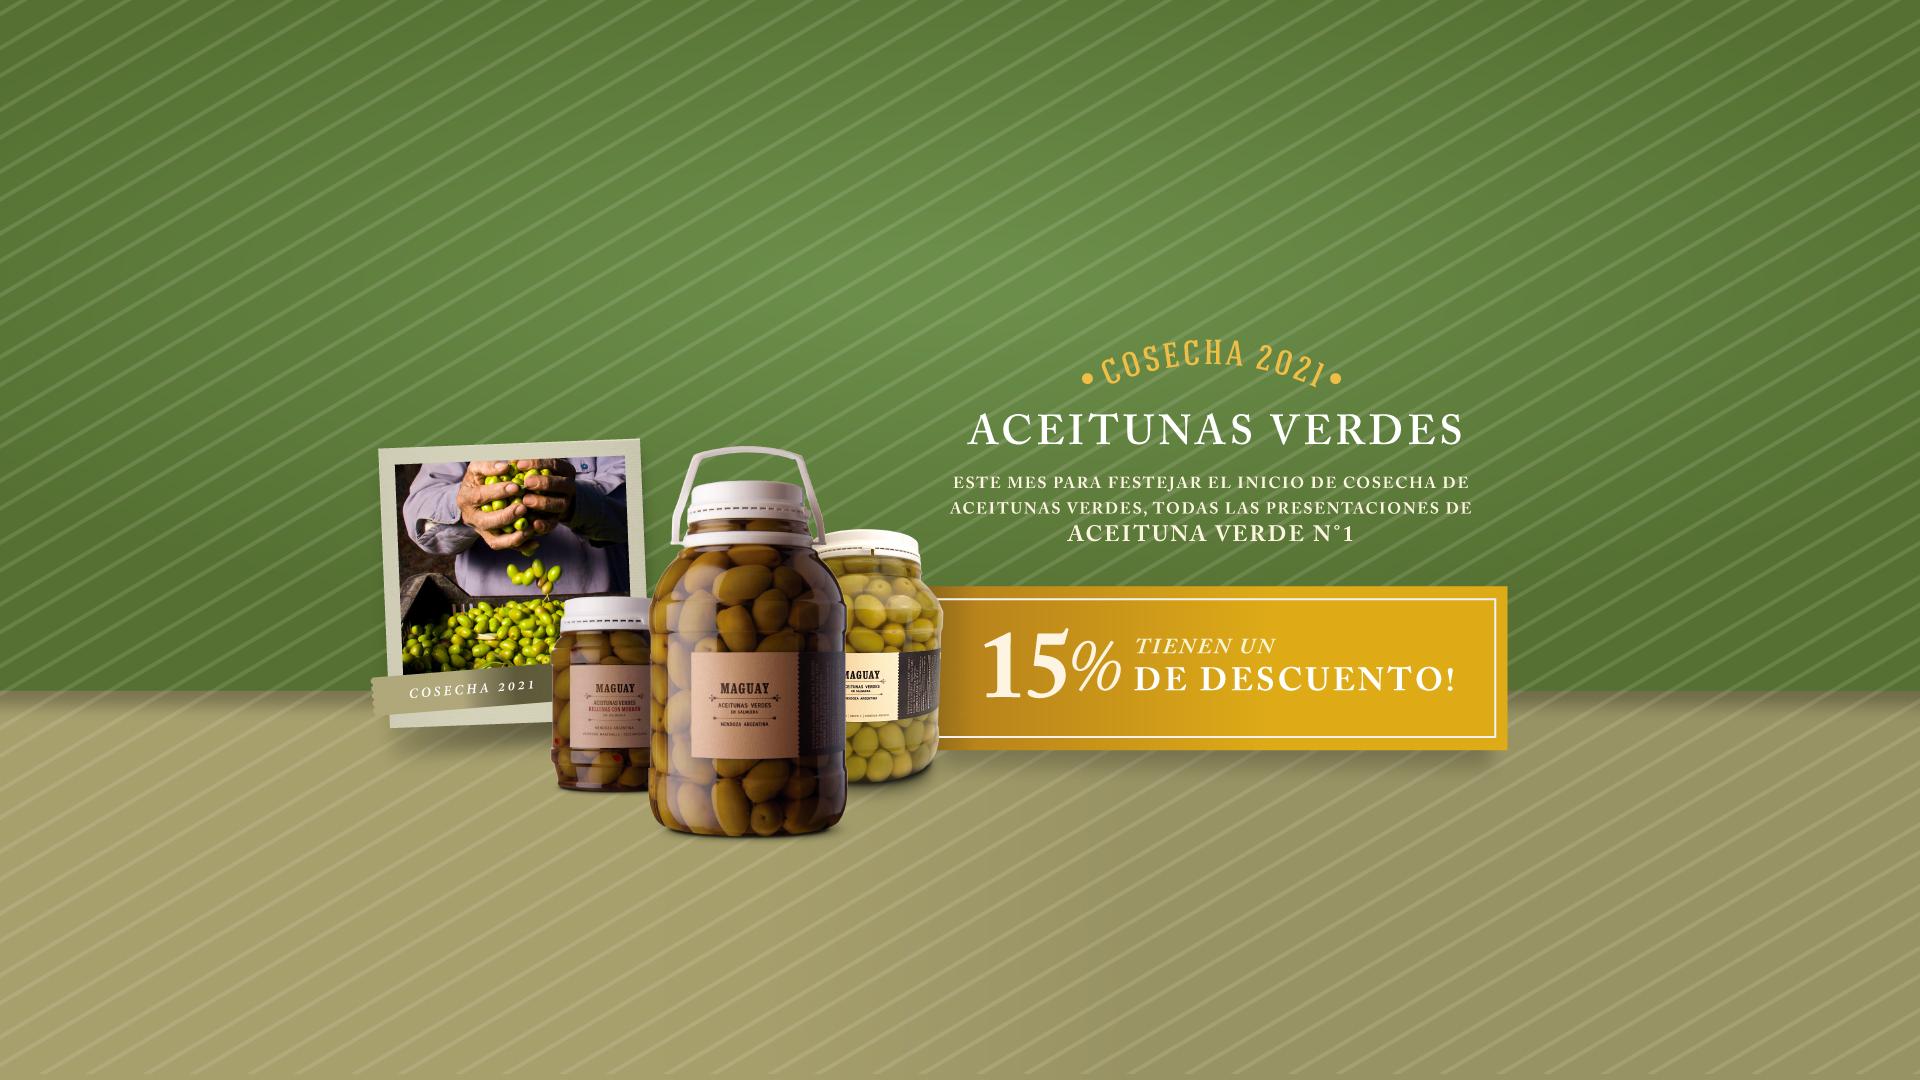 http://maguay.com.ar/es/aceitunasverdesensalmuera